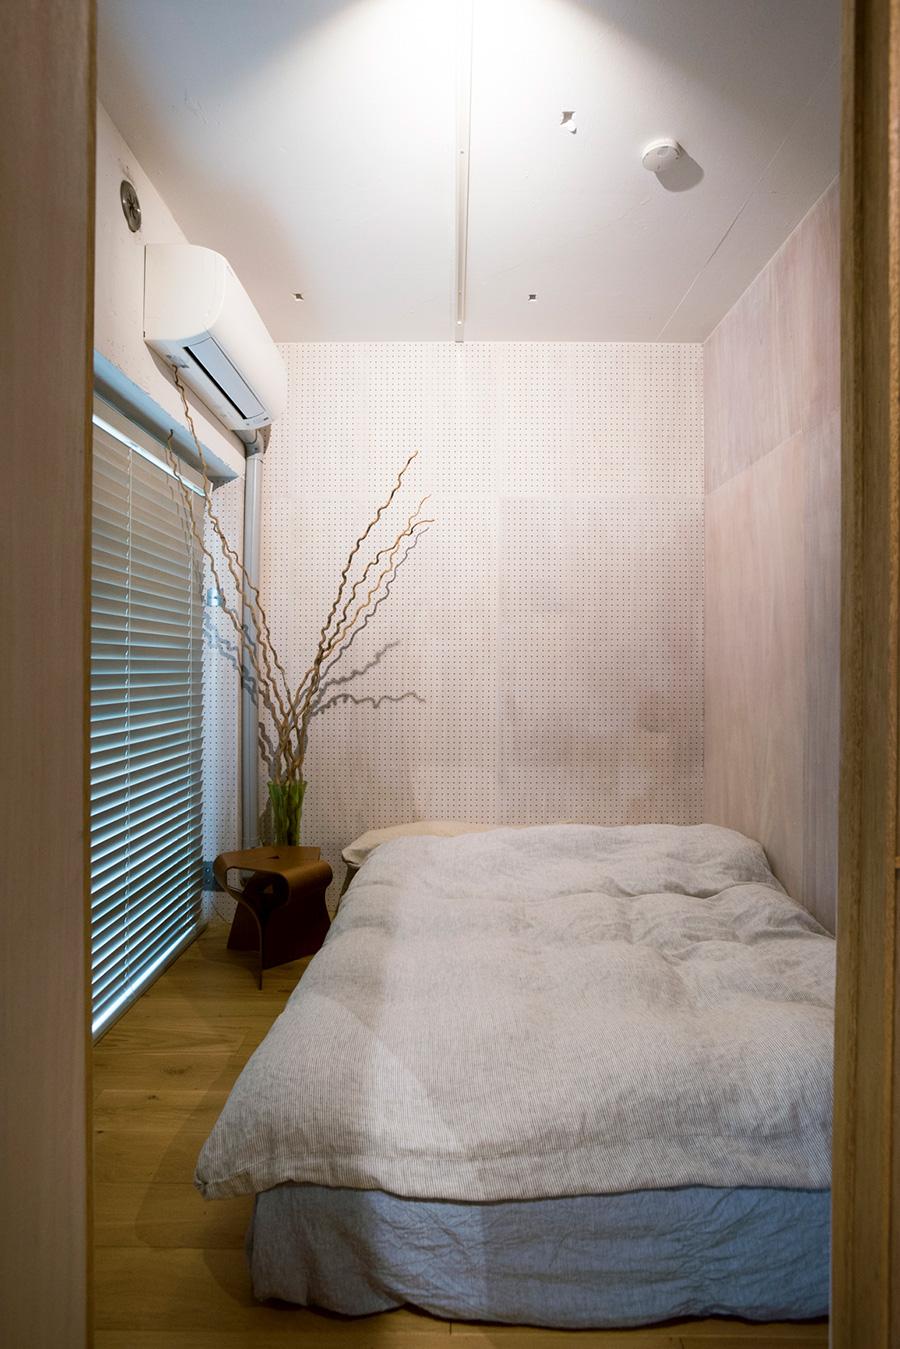 流木をオブジェに飾ったシンプルなベッドルーム。